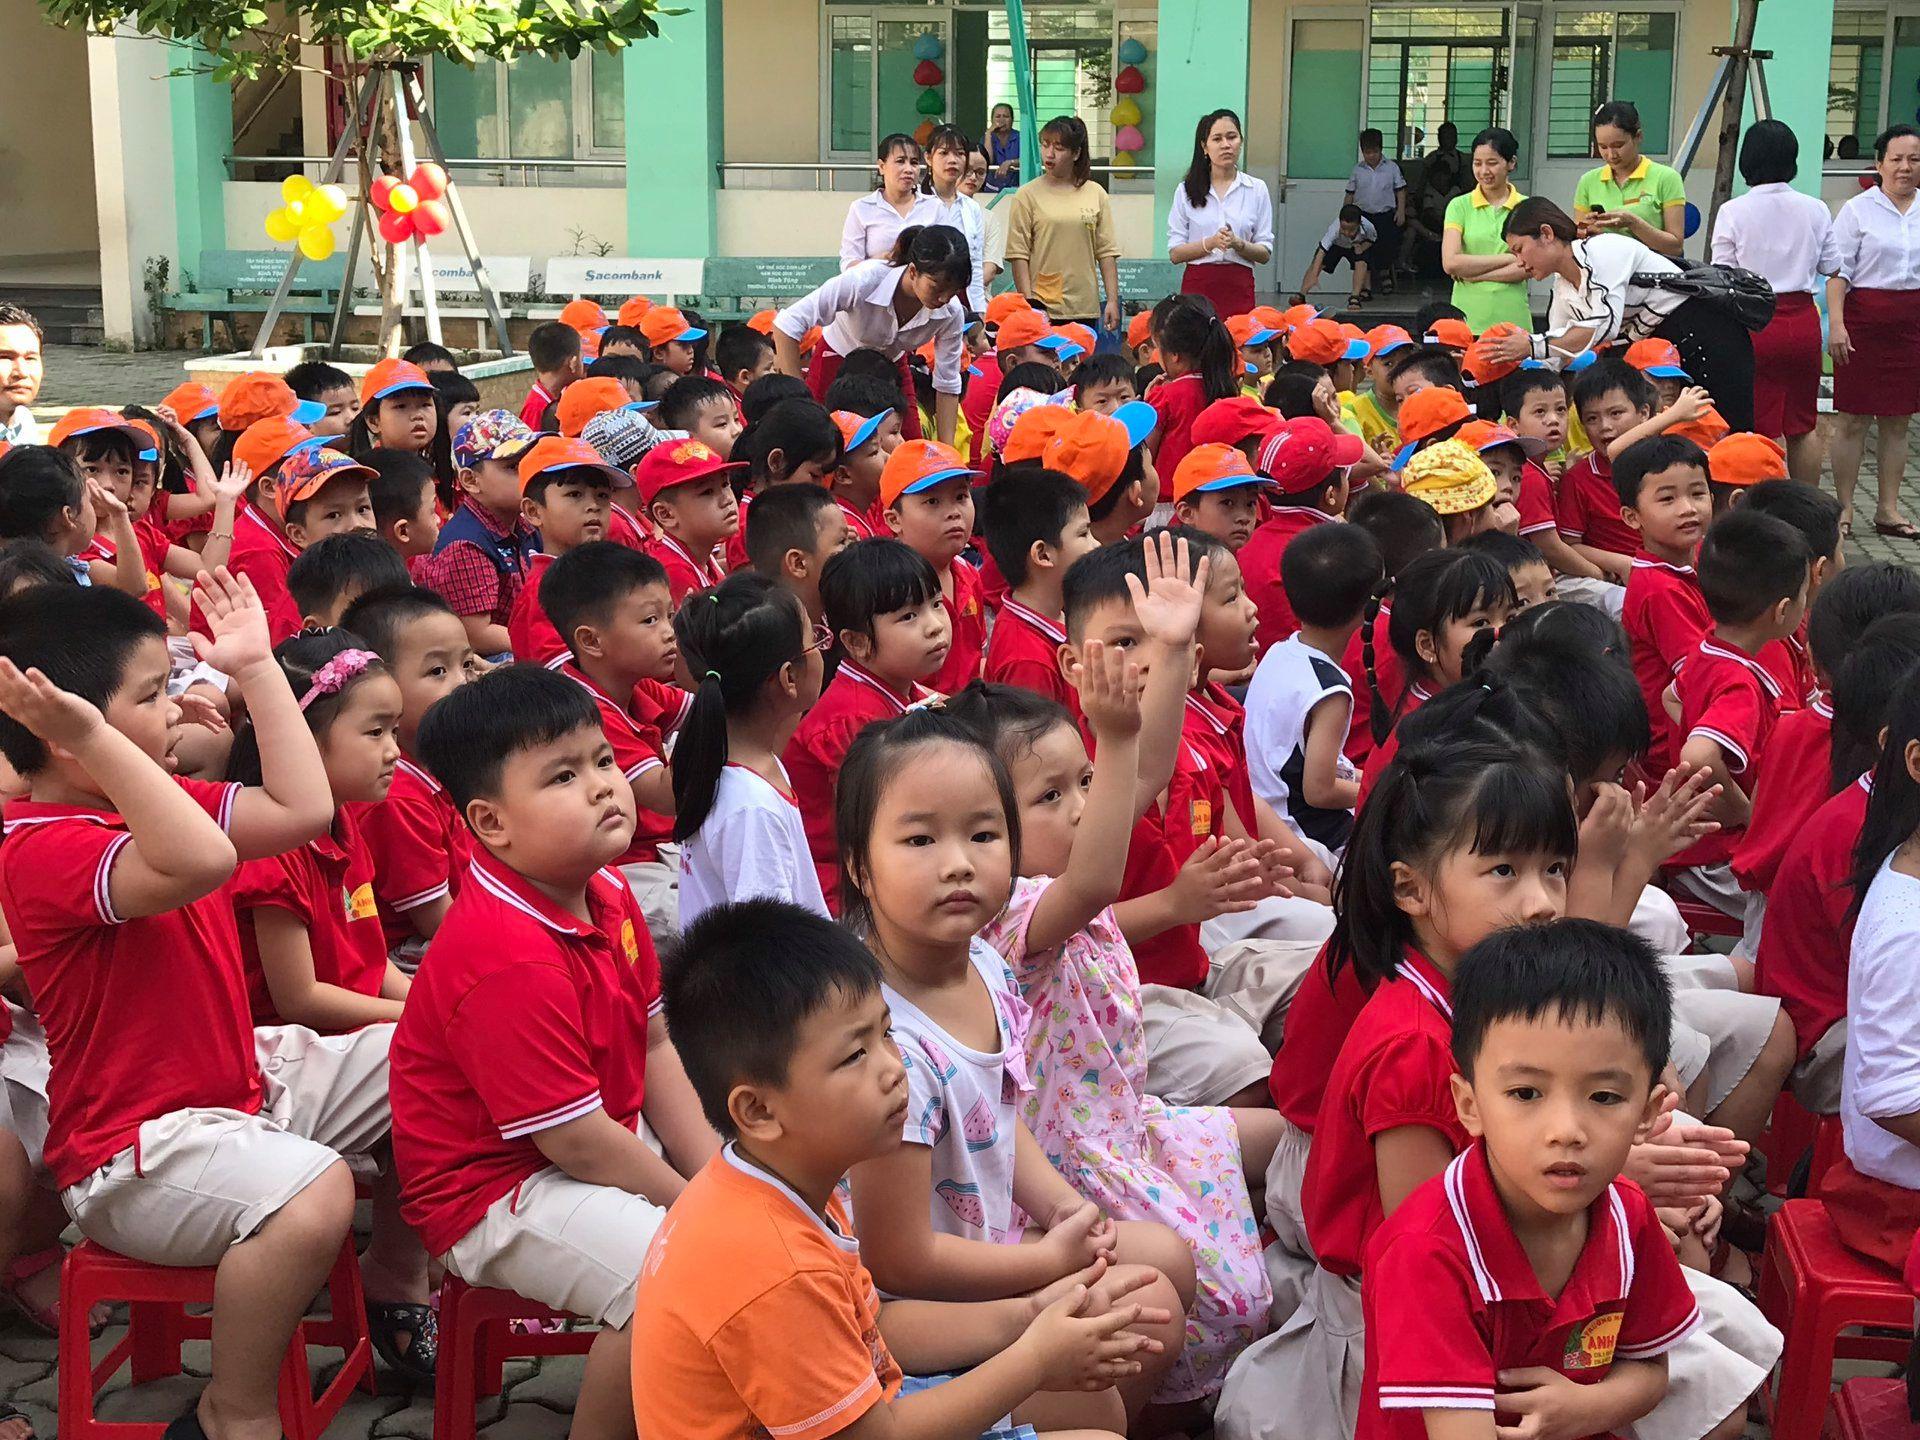 Trường mầm non Anh Đào - Đông Hưng Thuận